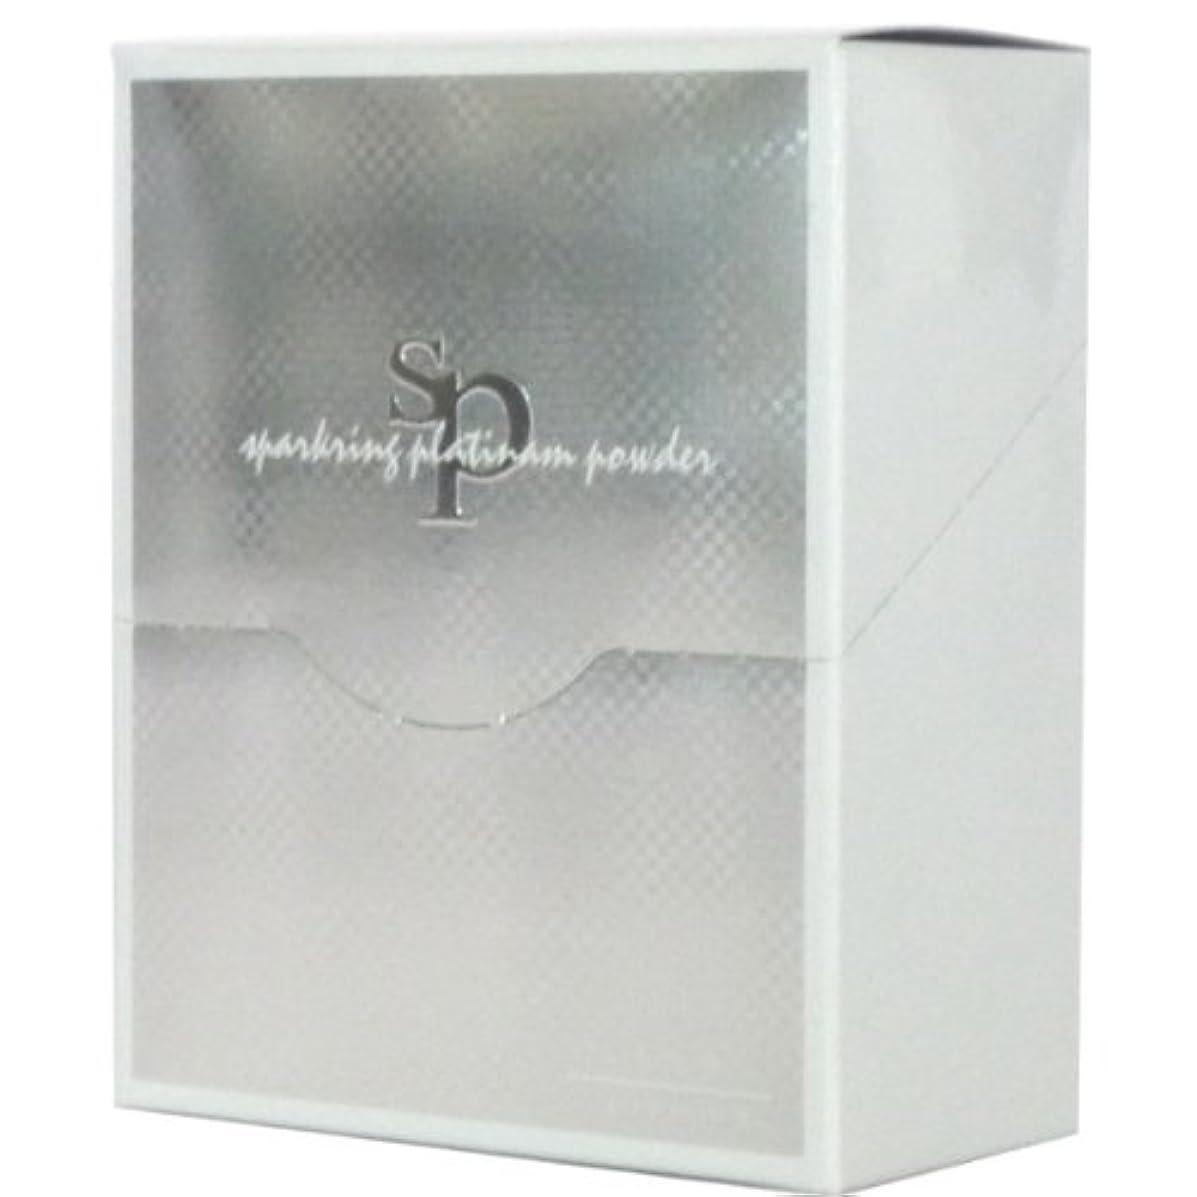 私たちのジェーンオースティンカイウススパークリングプラチナパウダー 1.5g×30包